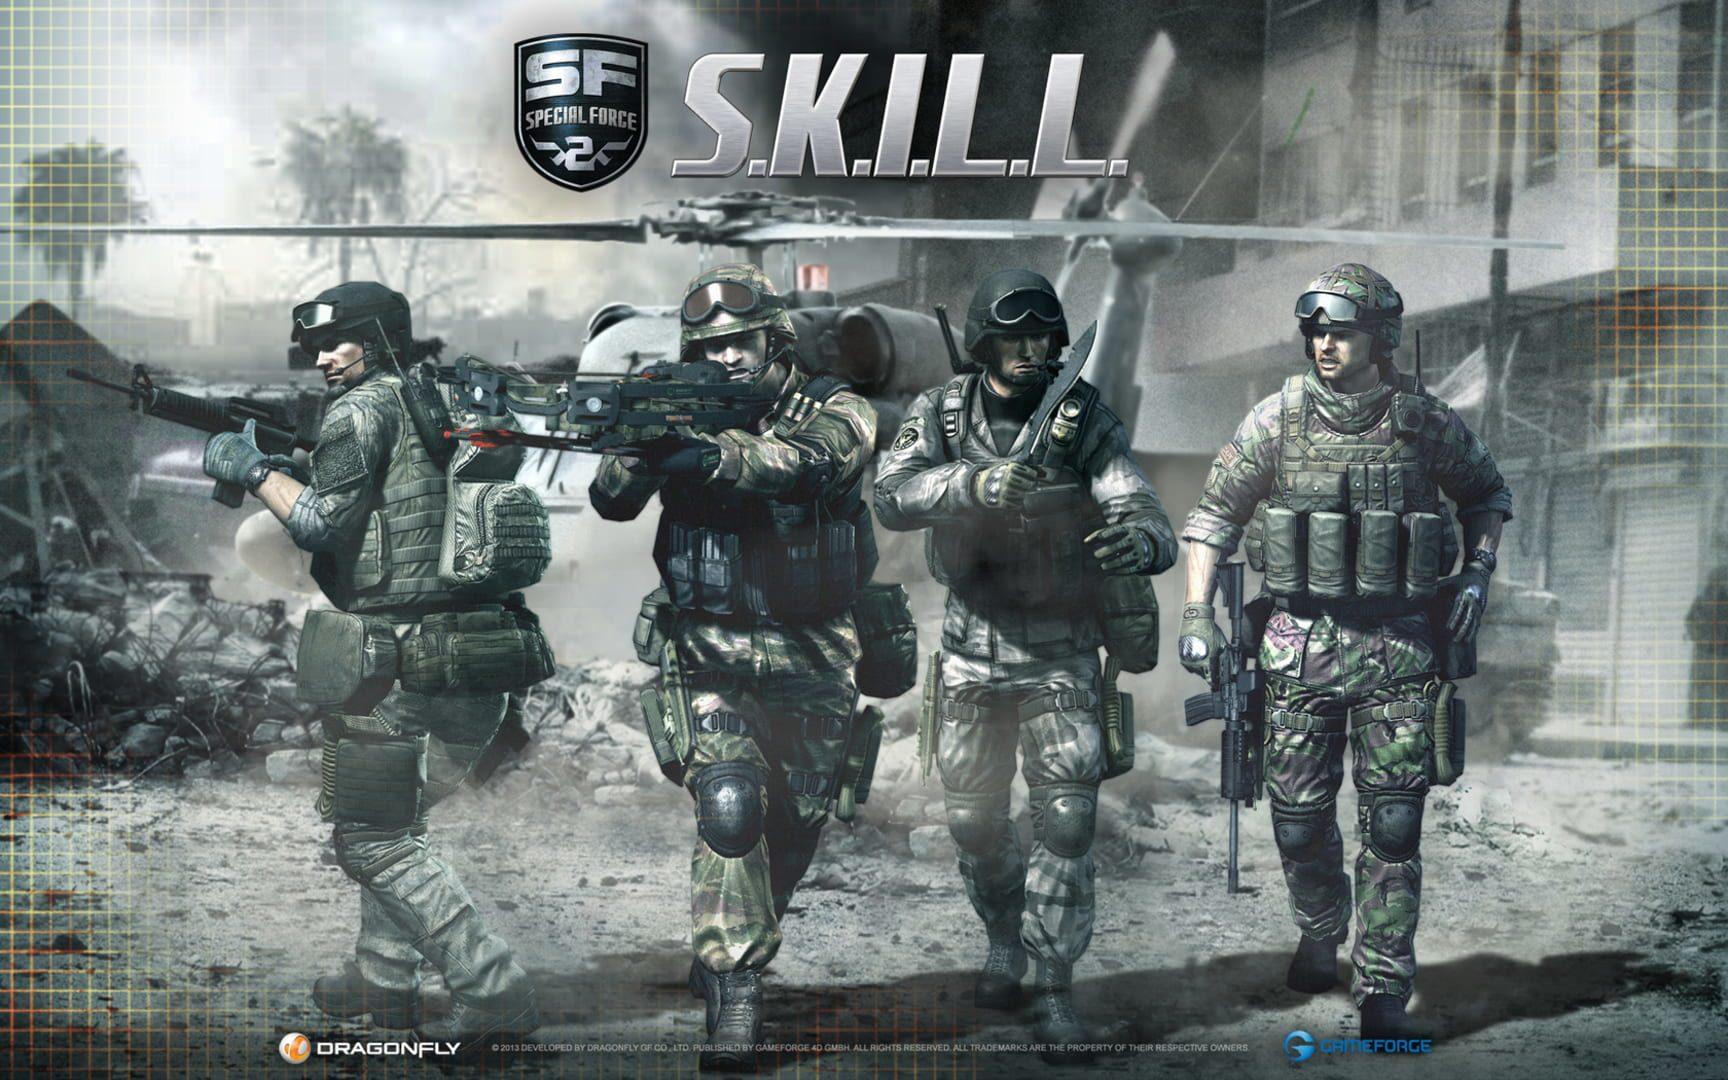 buy S.K.I.L.L. - Special Force 2 cd key for all platform